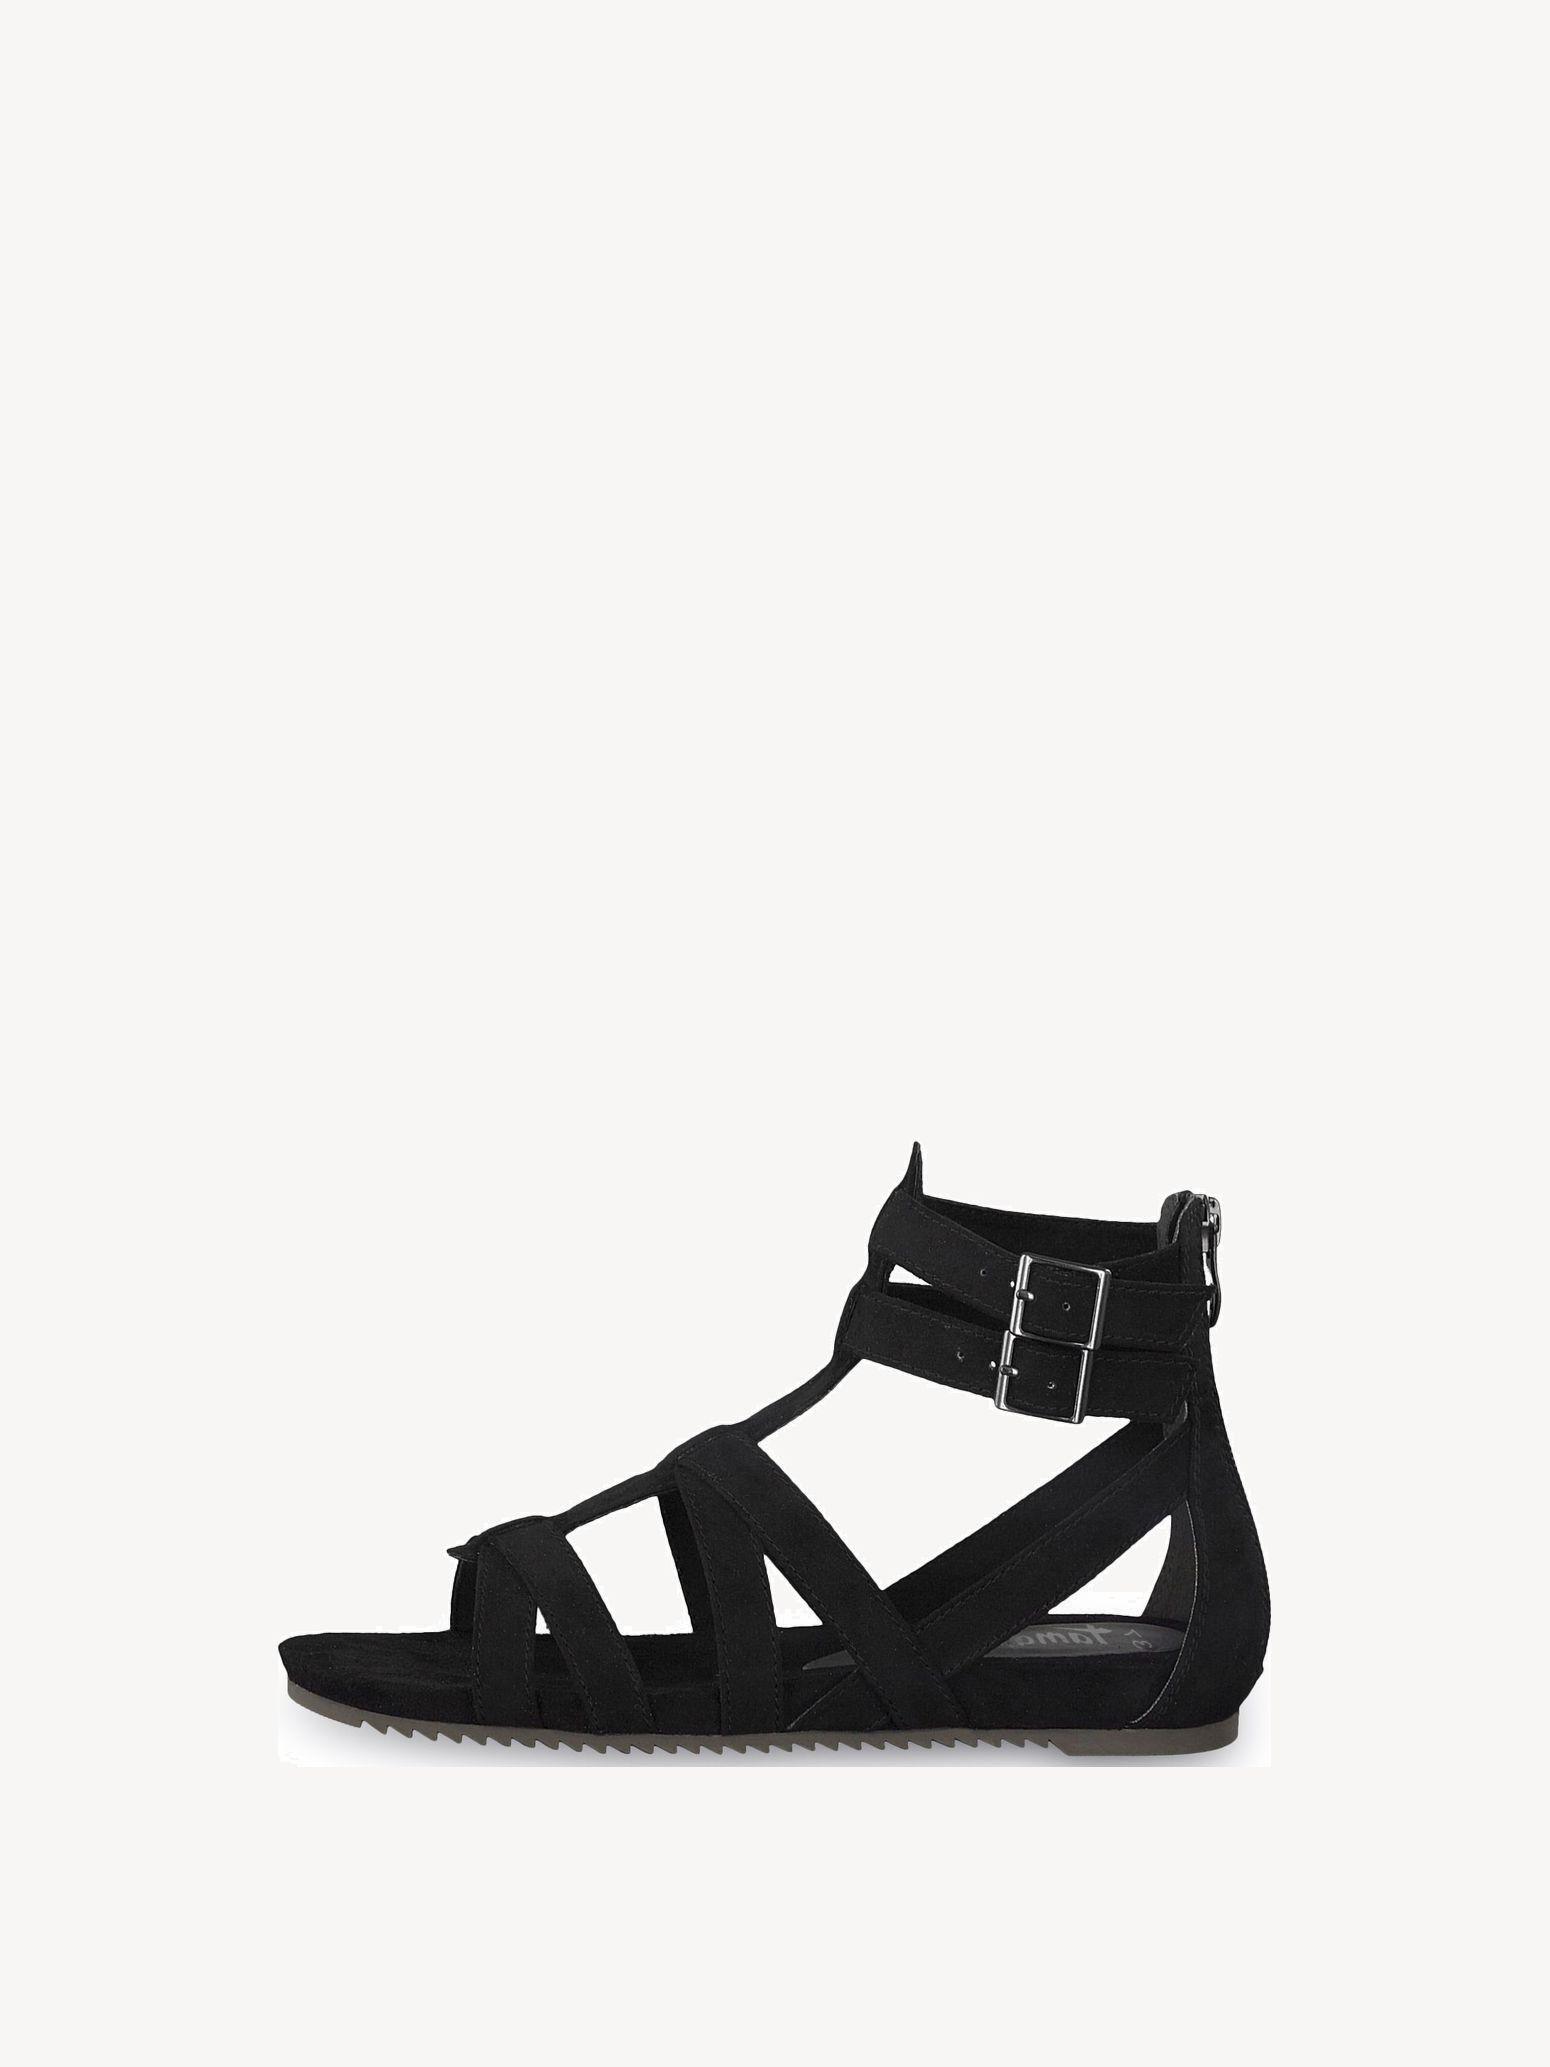 Sandales Tamaris sandales romaines avec fermeture éclair